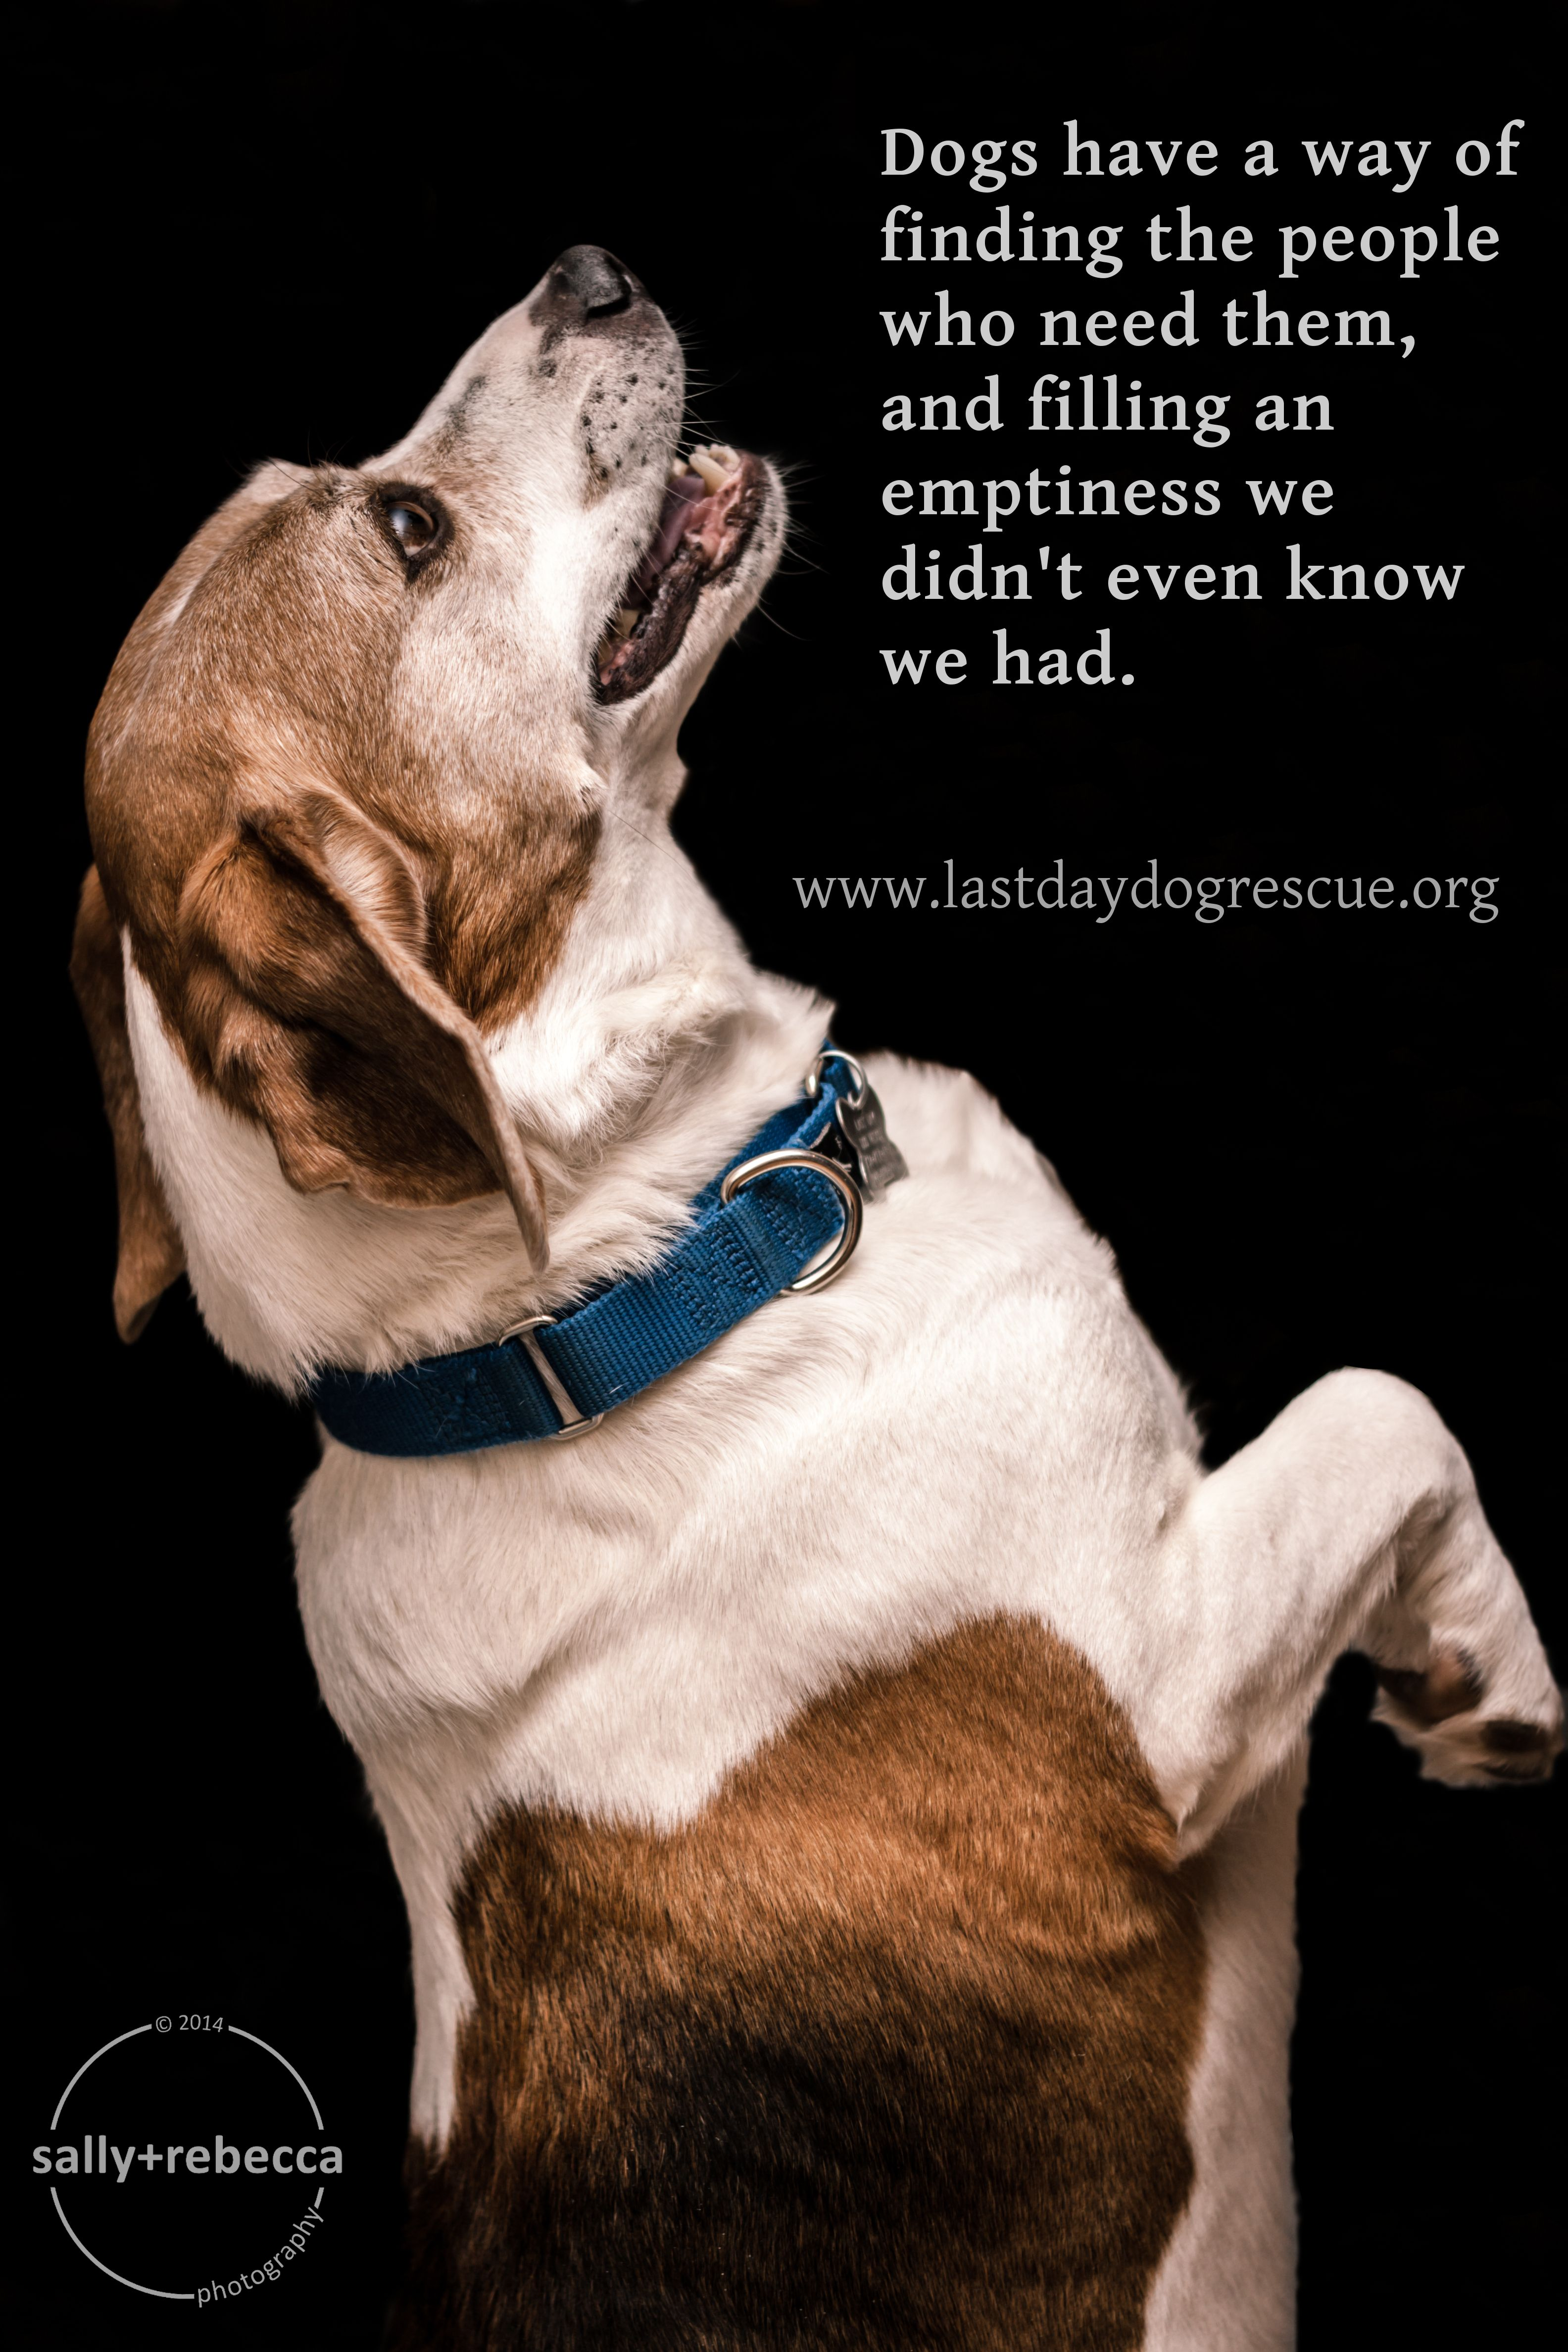 #adopt #rescue #lastdaydogrescue #foster